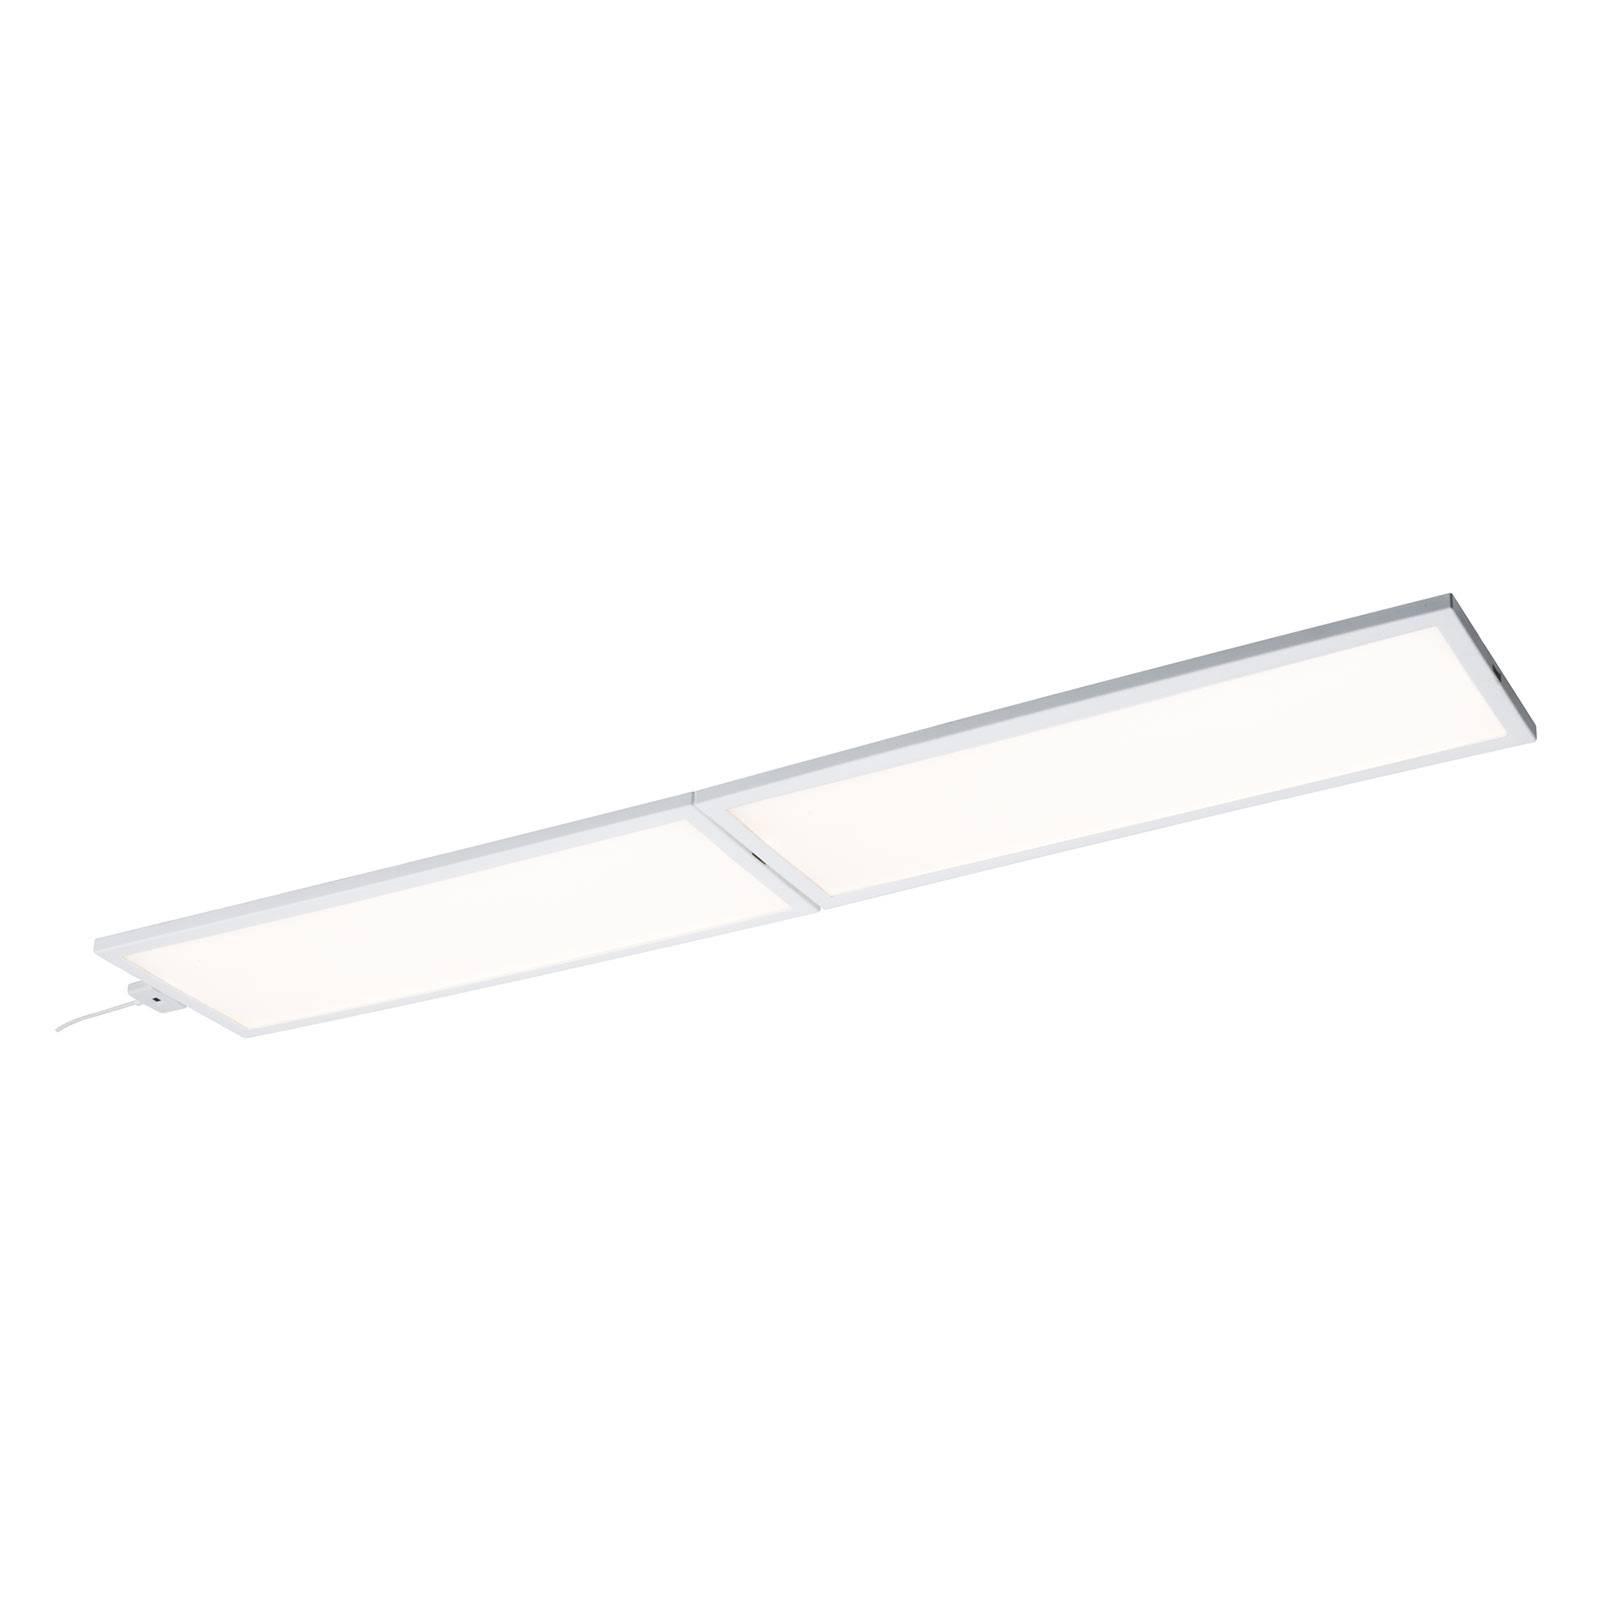 Paulmann Ace -LED-kaapinalusvalaisin, lisäosa